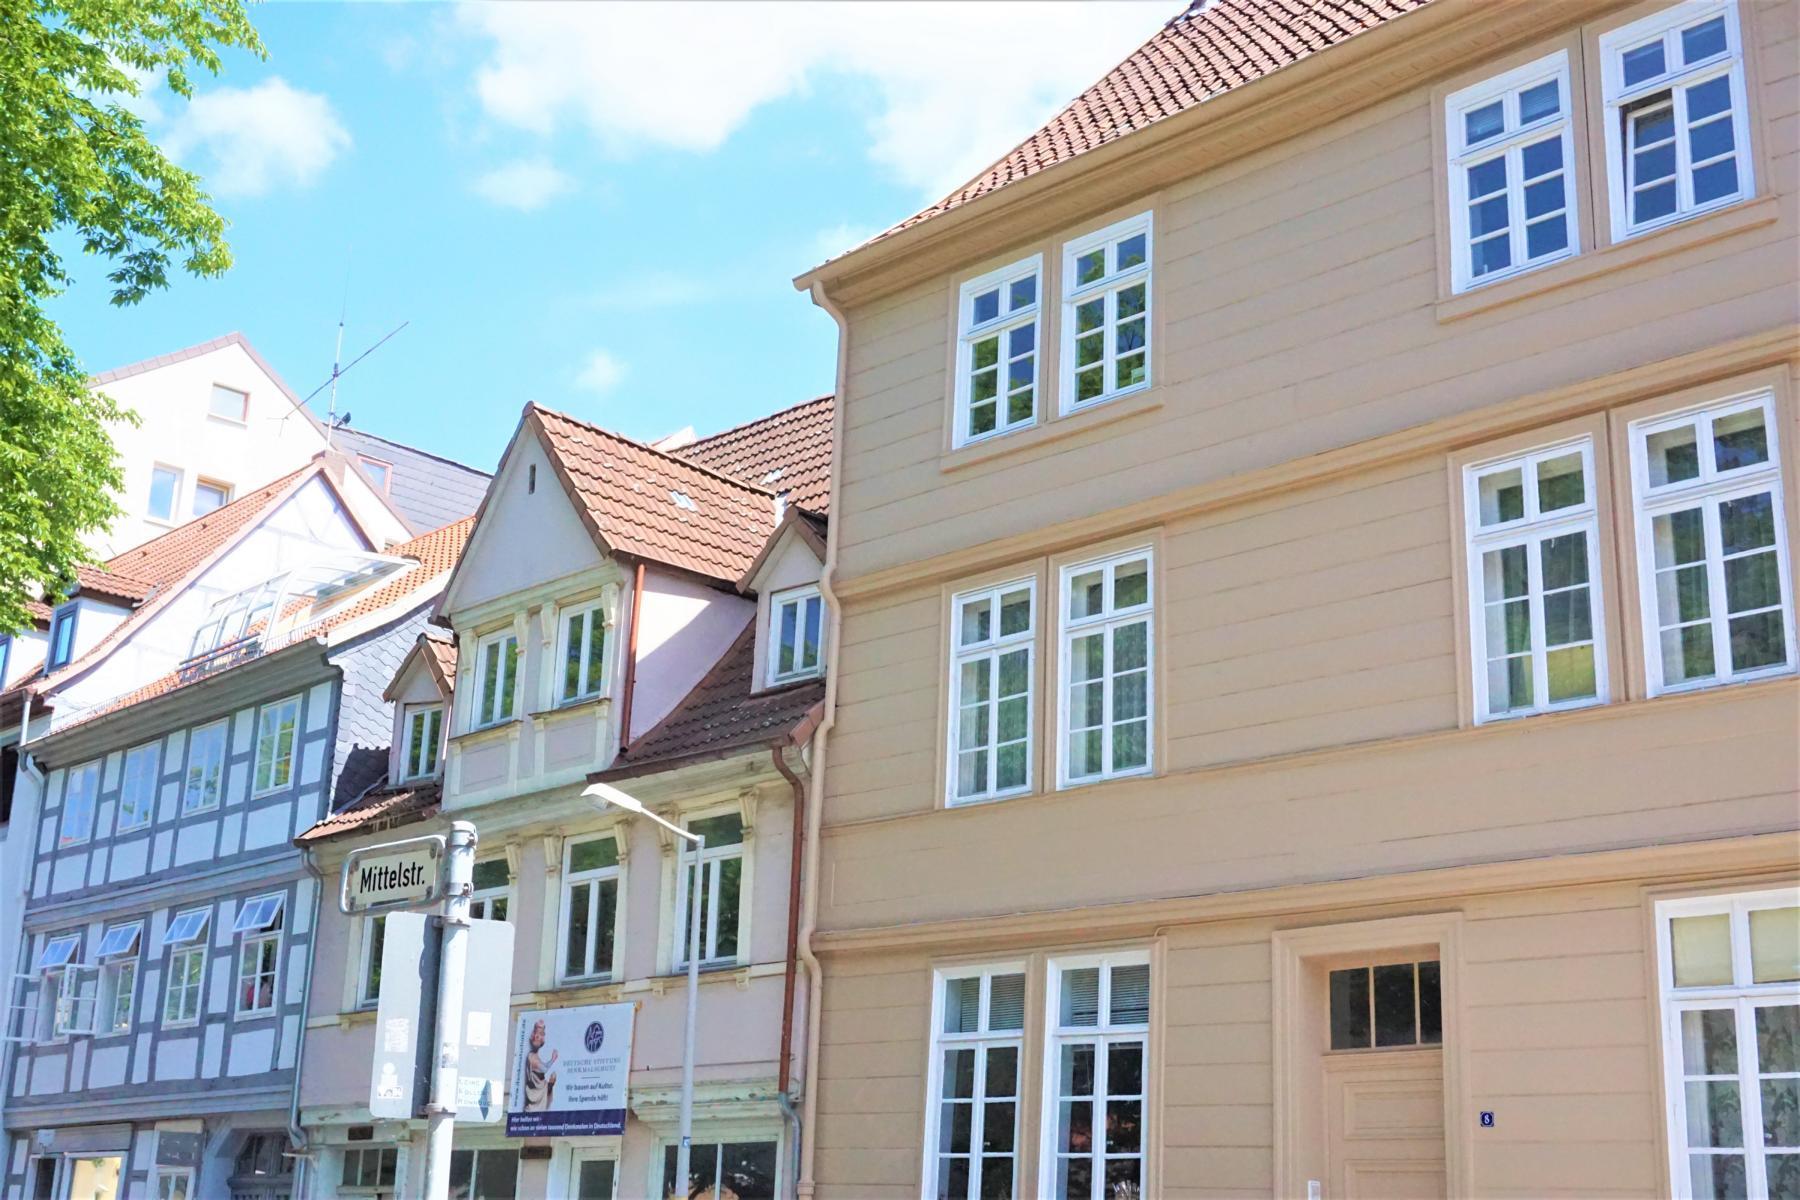 Style Hannover BLAUER FADEN 4 - Mit dem blauen Faden durch die Calenberger Neustadt